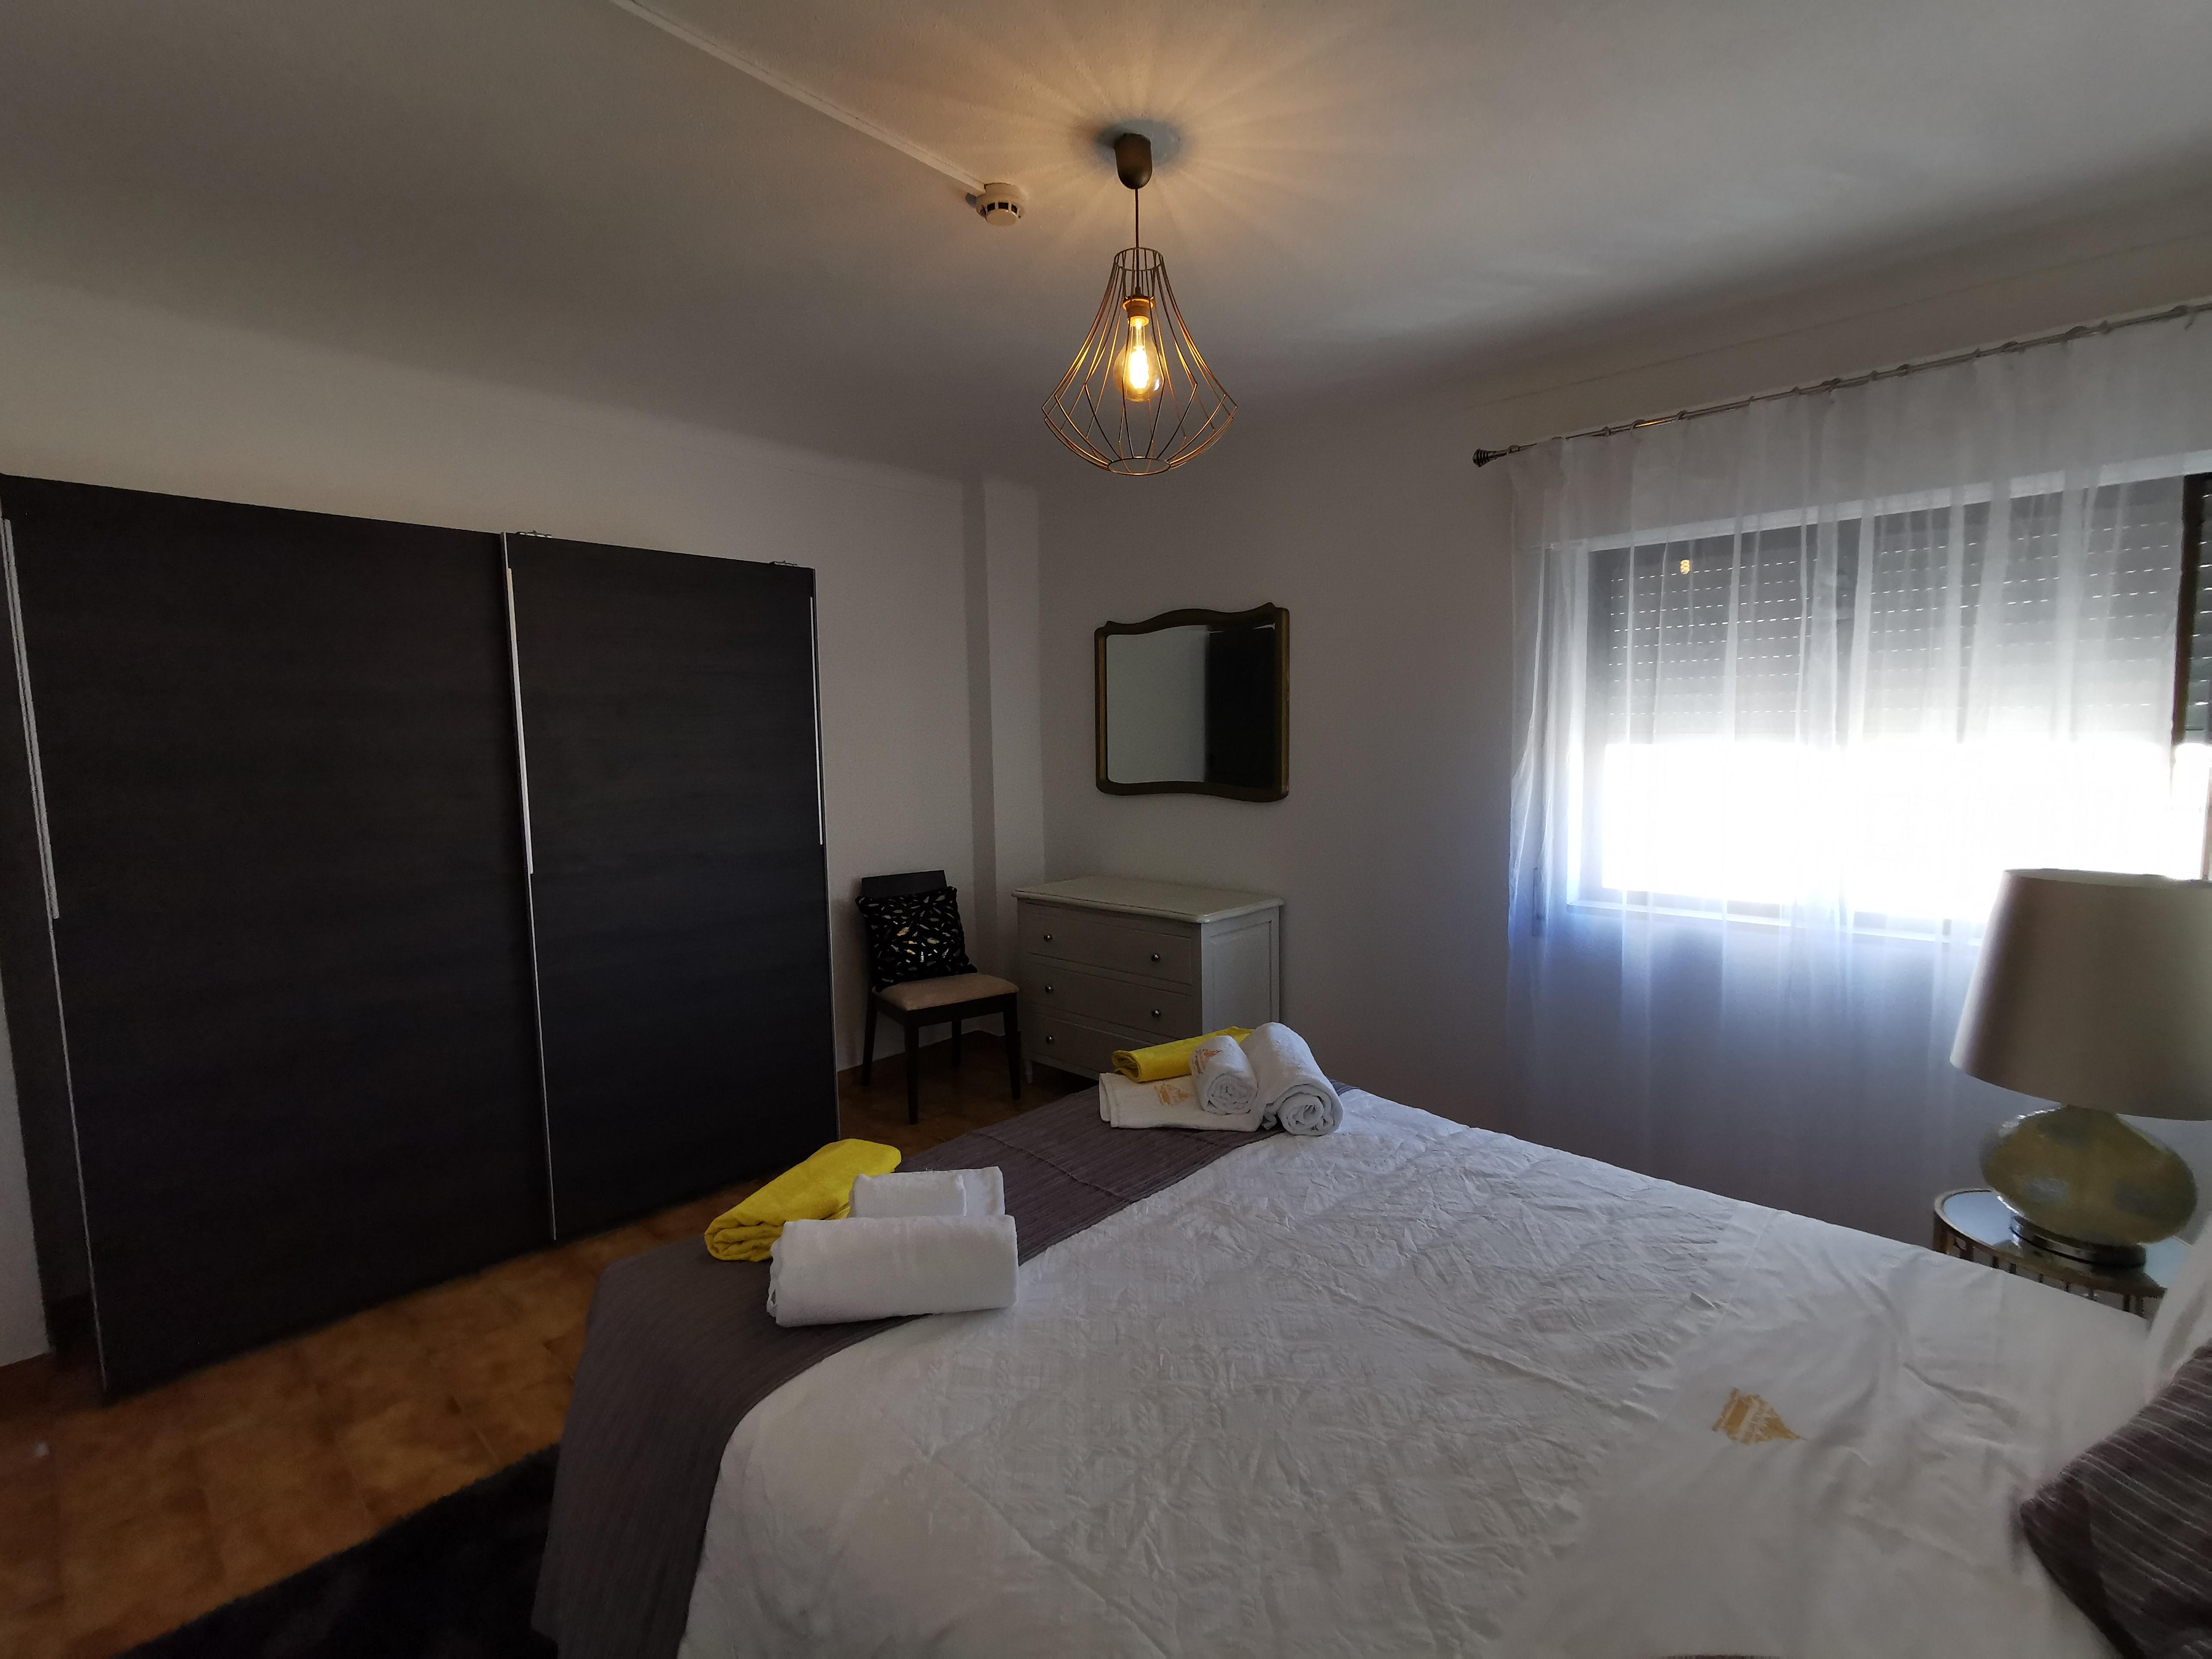 Location appartements et villas de vacance, T1 Encosta do Vau à Portimão, Portugal Algarve, REF_IMG_11603_11618